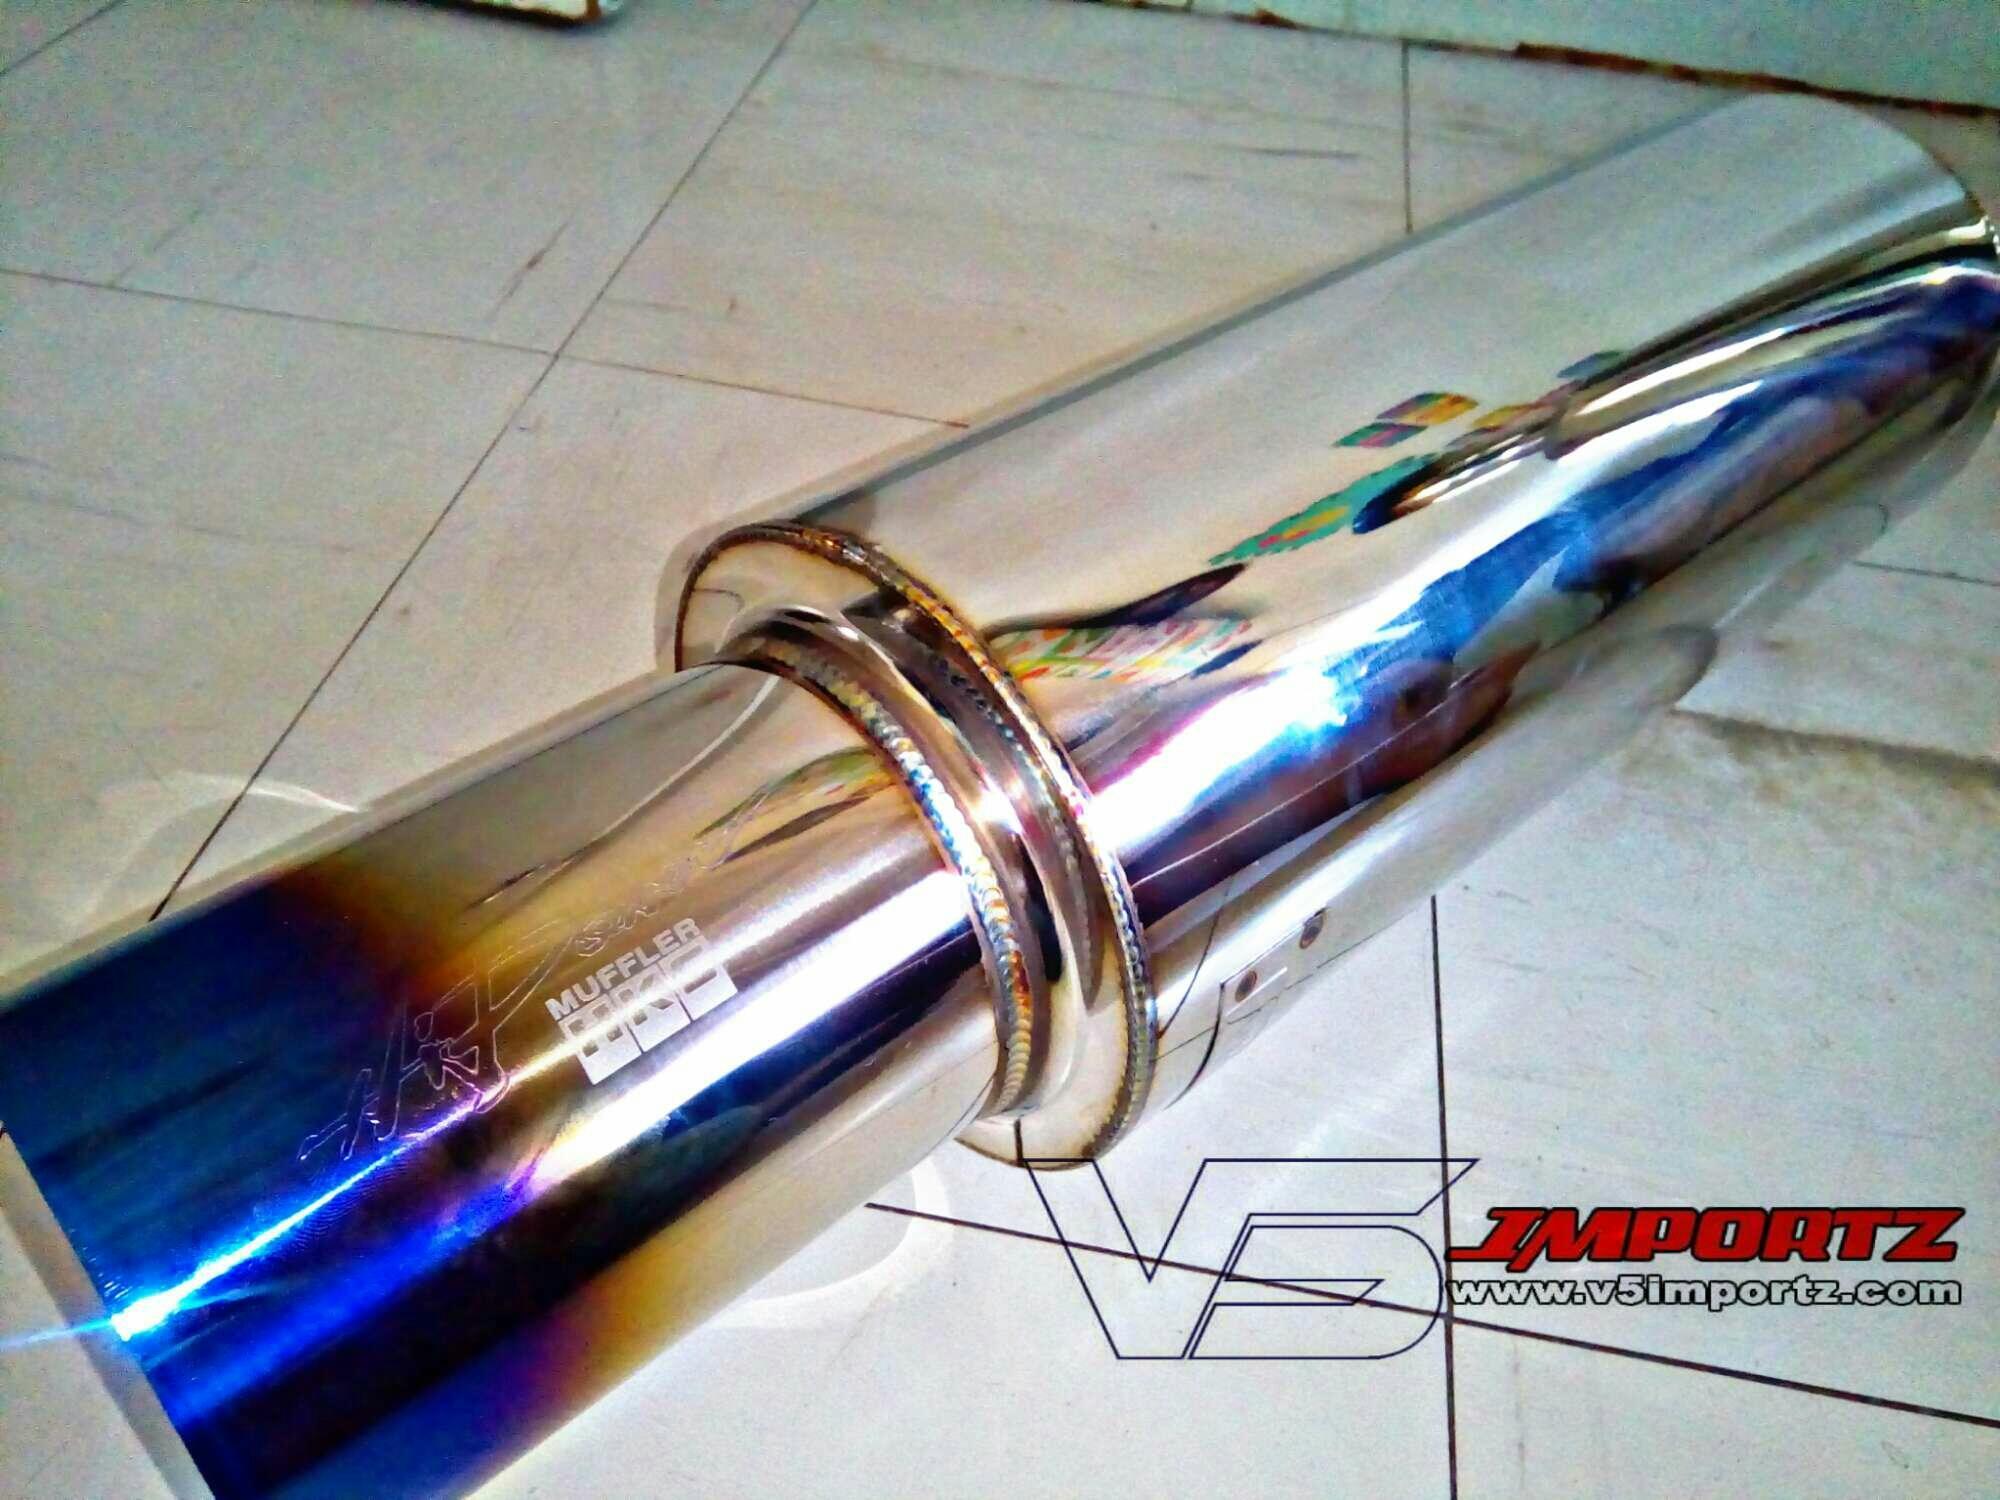 Exhaust System For Sale Car Online Brands Prices Muffler Knalpot Js Racing Hks Medium Can Free Flow Burned Tip V5importz